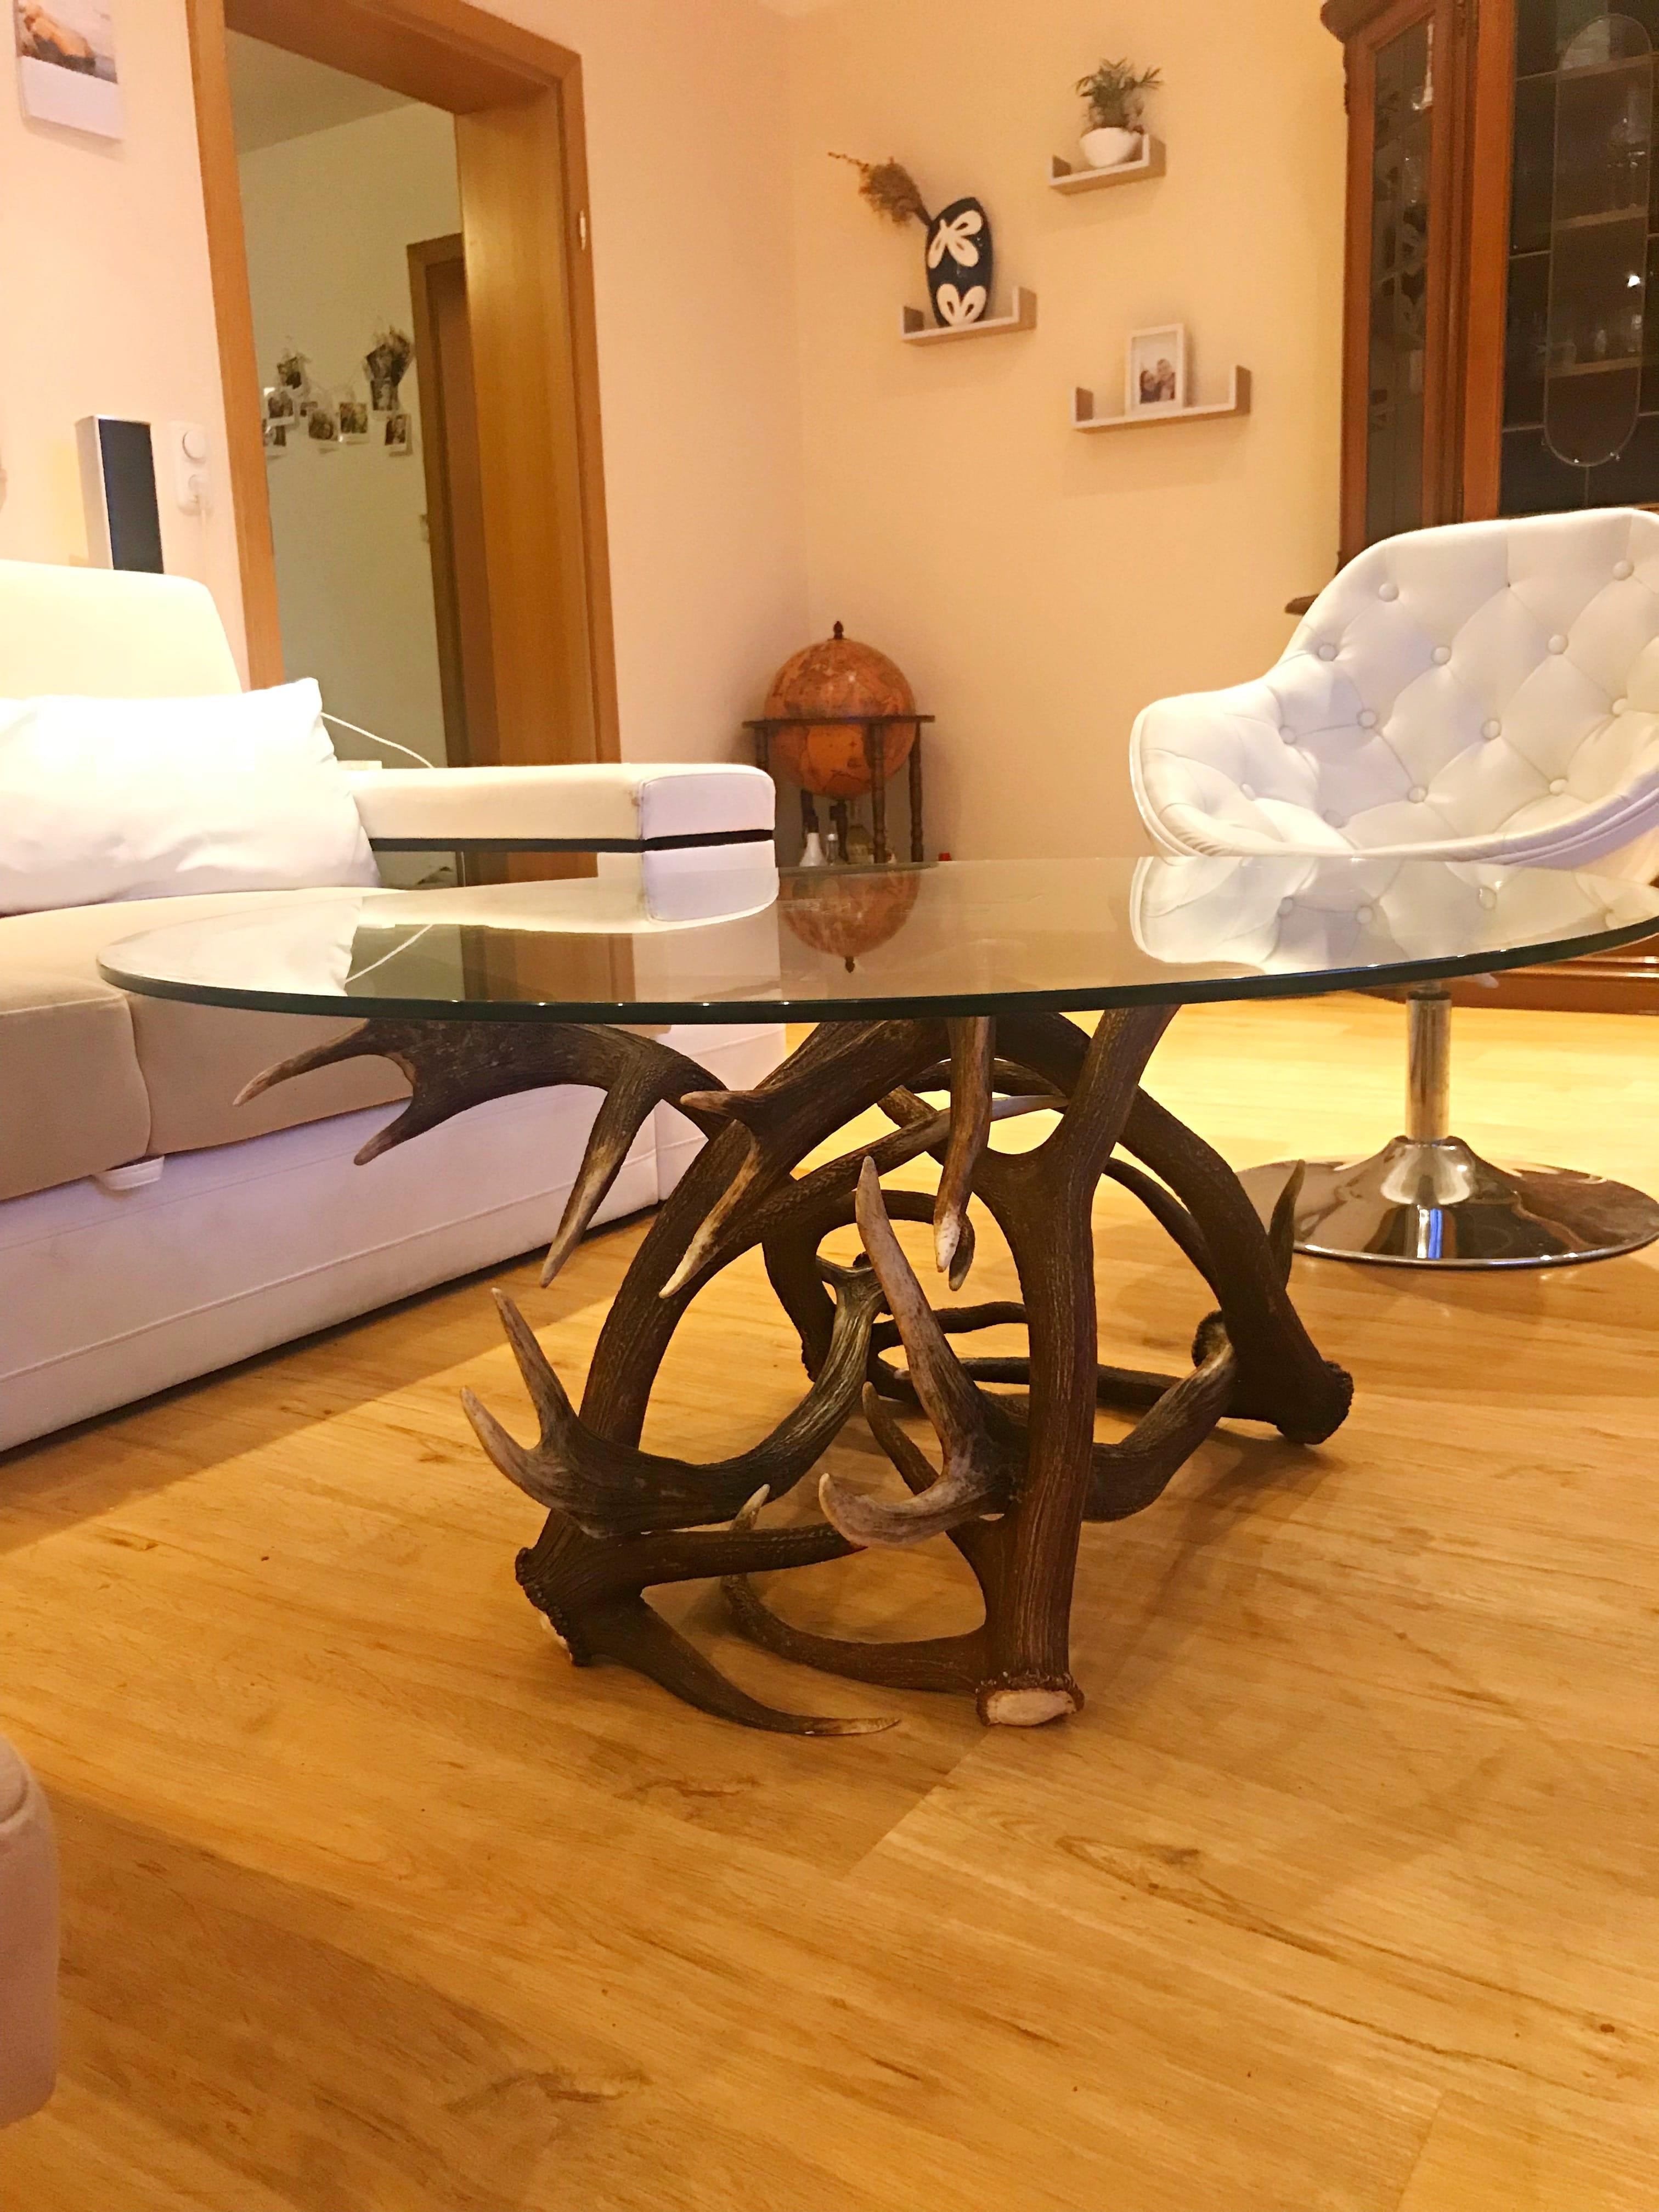 couchtisch rund mit geweih und glas geweih design by oh. Black Bedroom Furniture Sets. Home Design Ideas